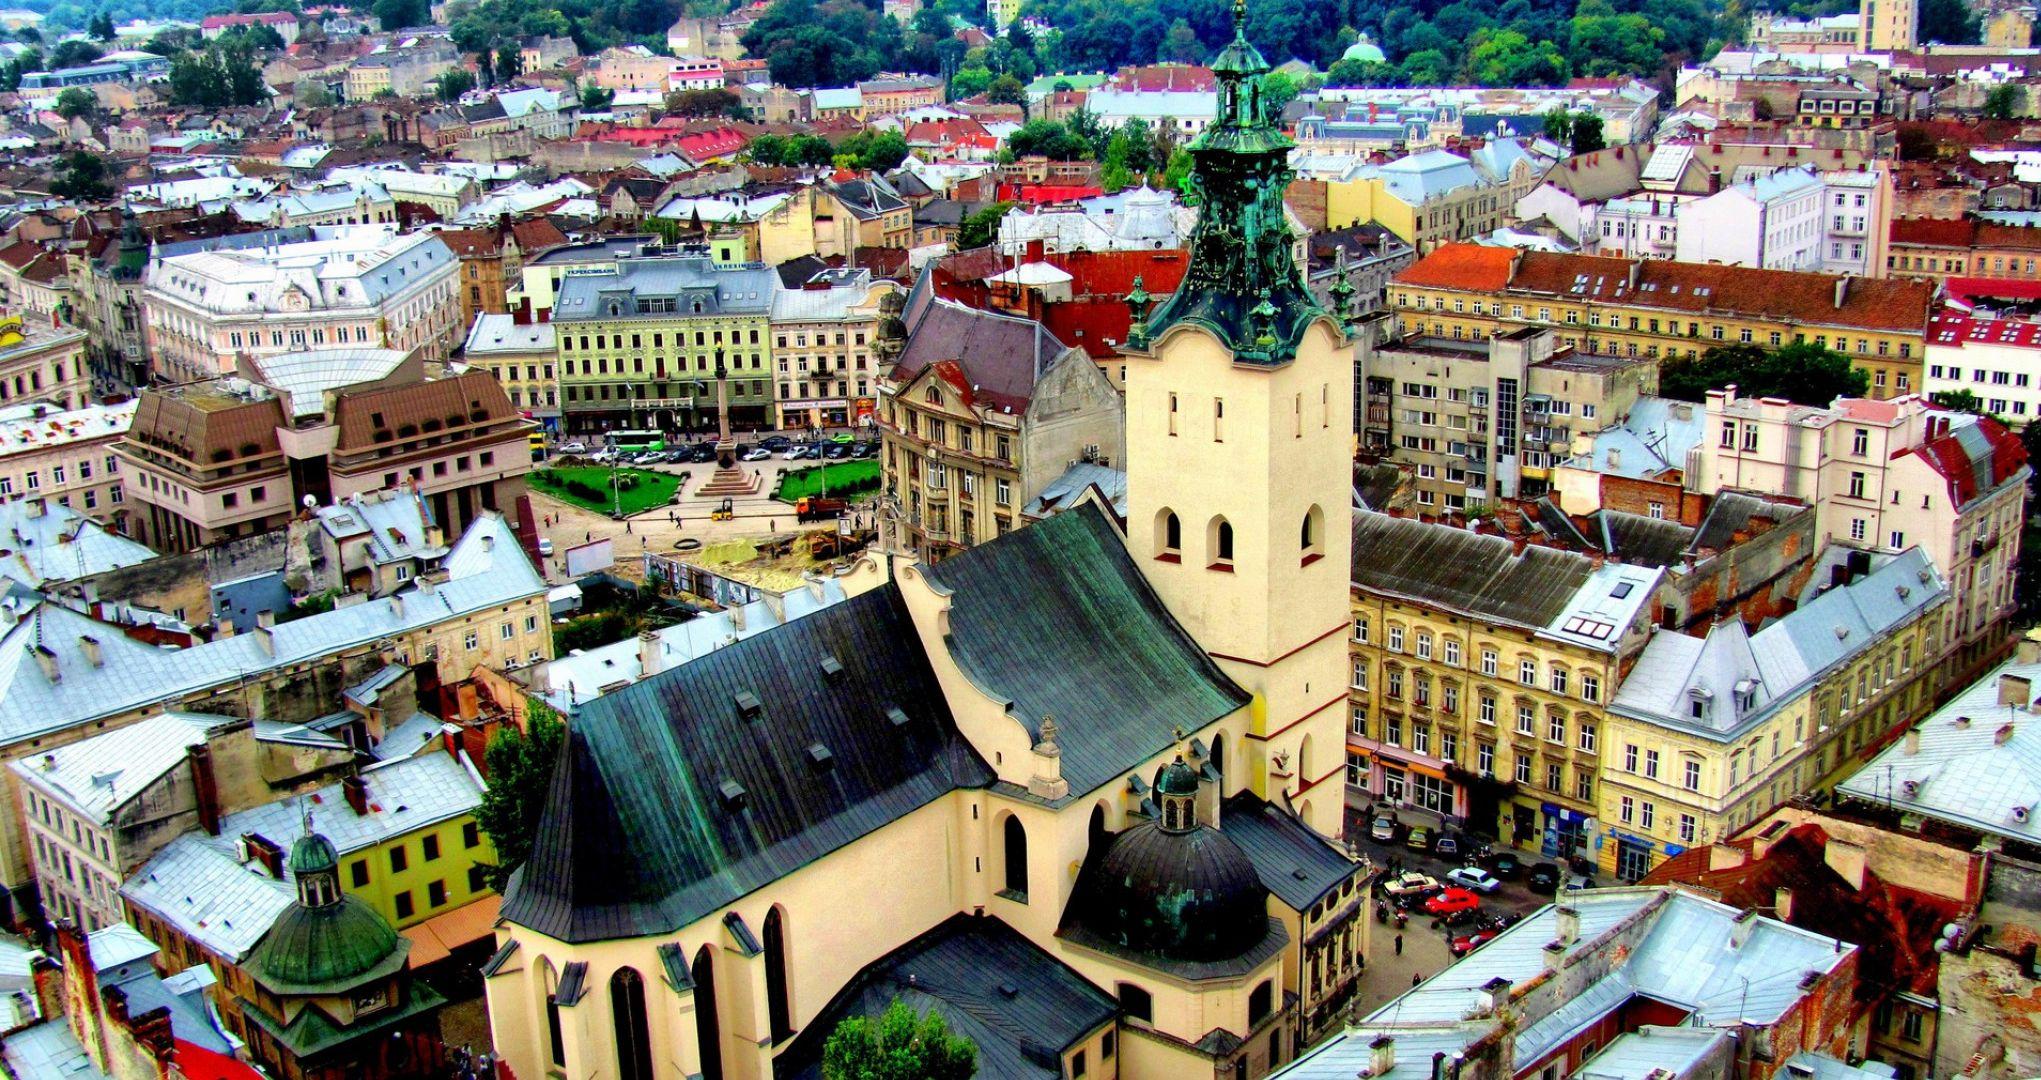 ukrayna turistik ile ilgili görsel sonucu